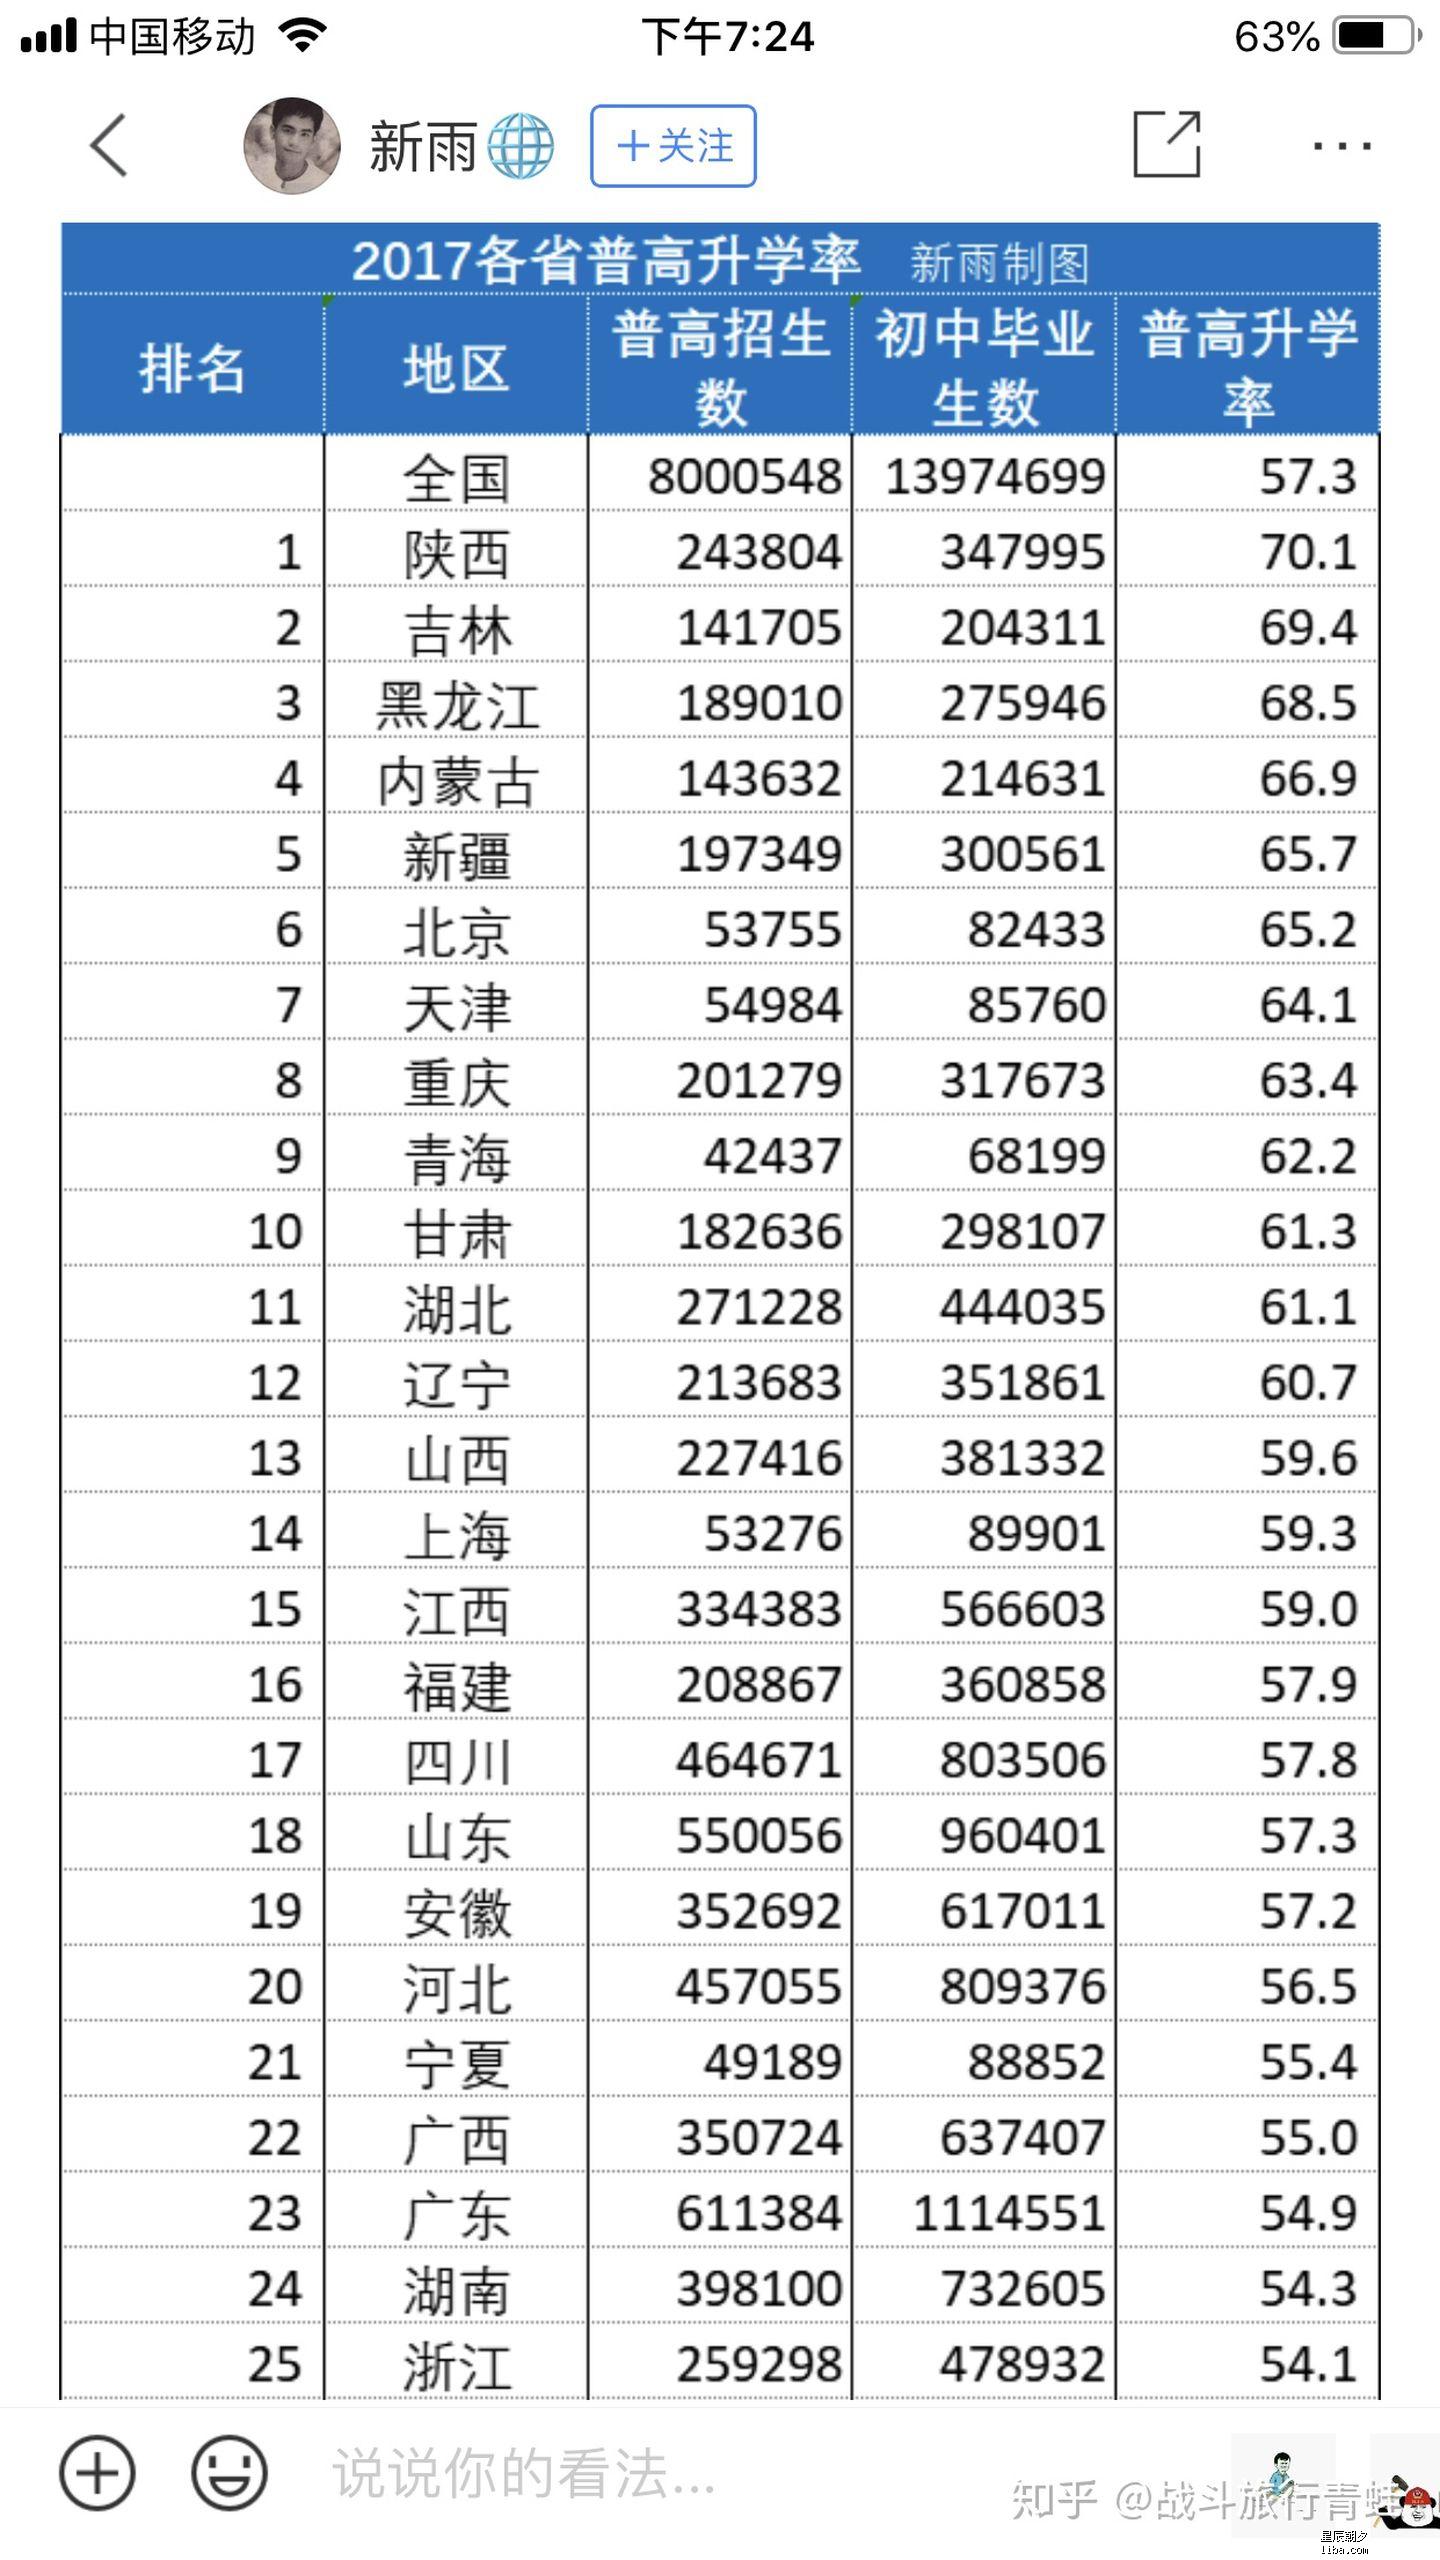 全国高中升学率2017.jpg